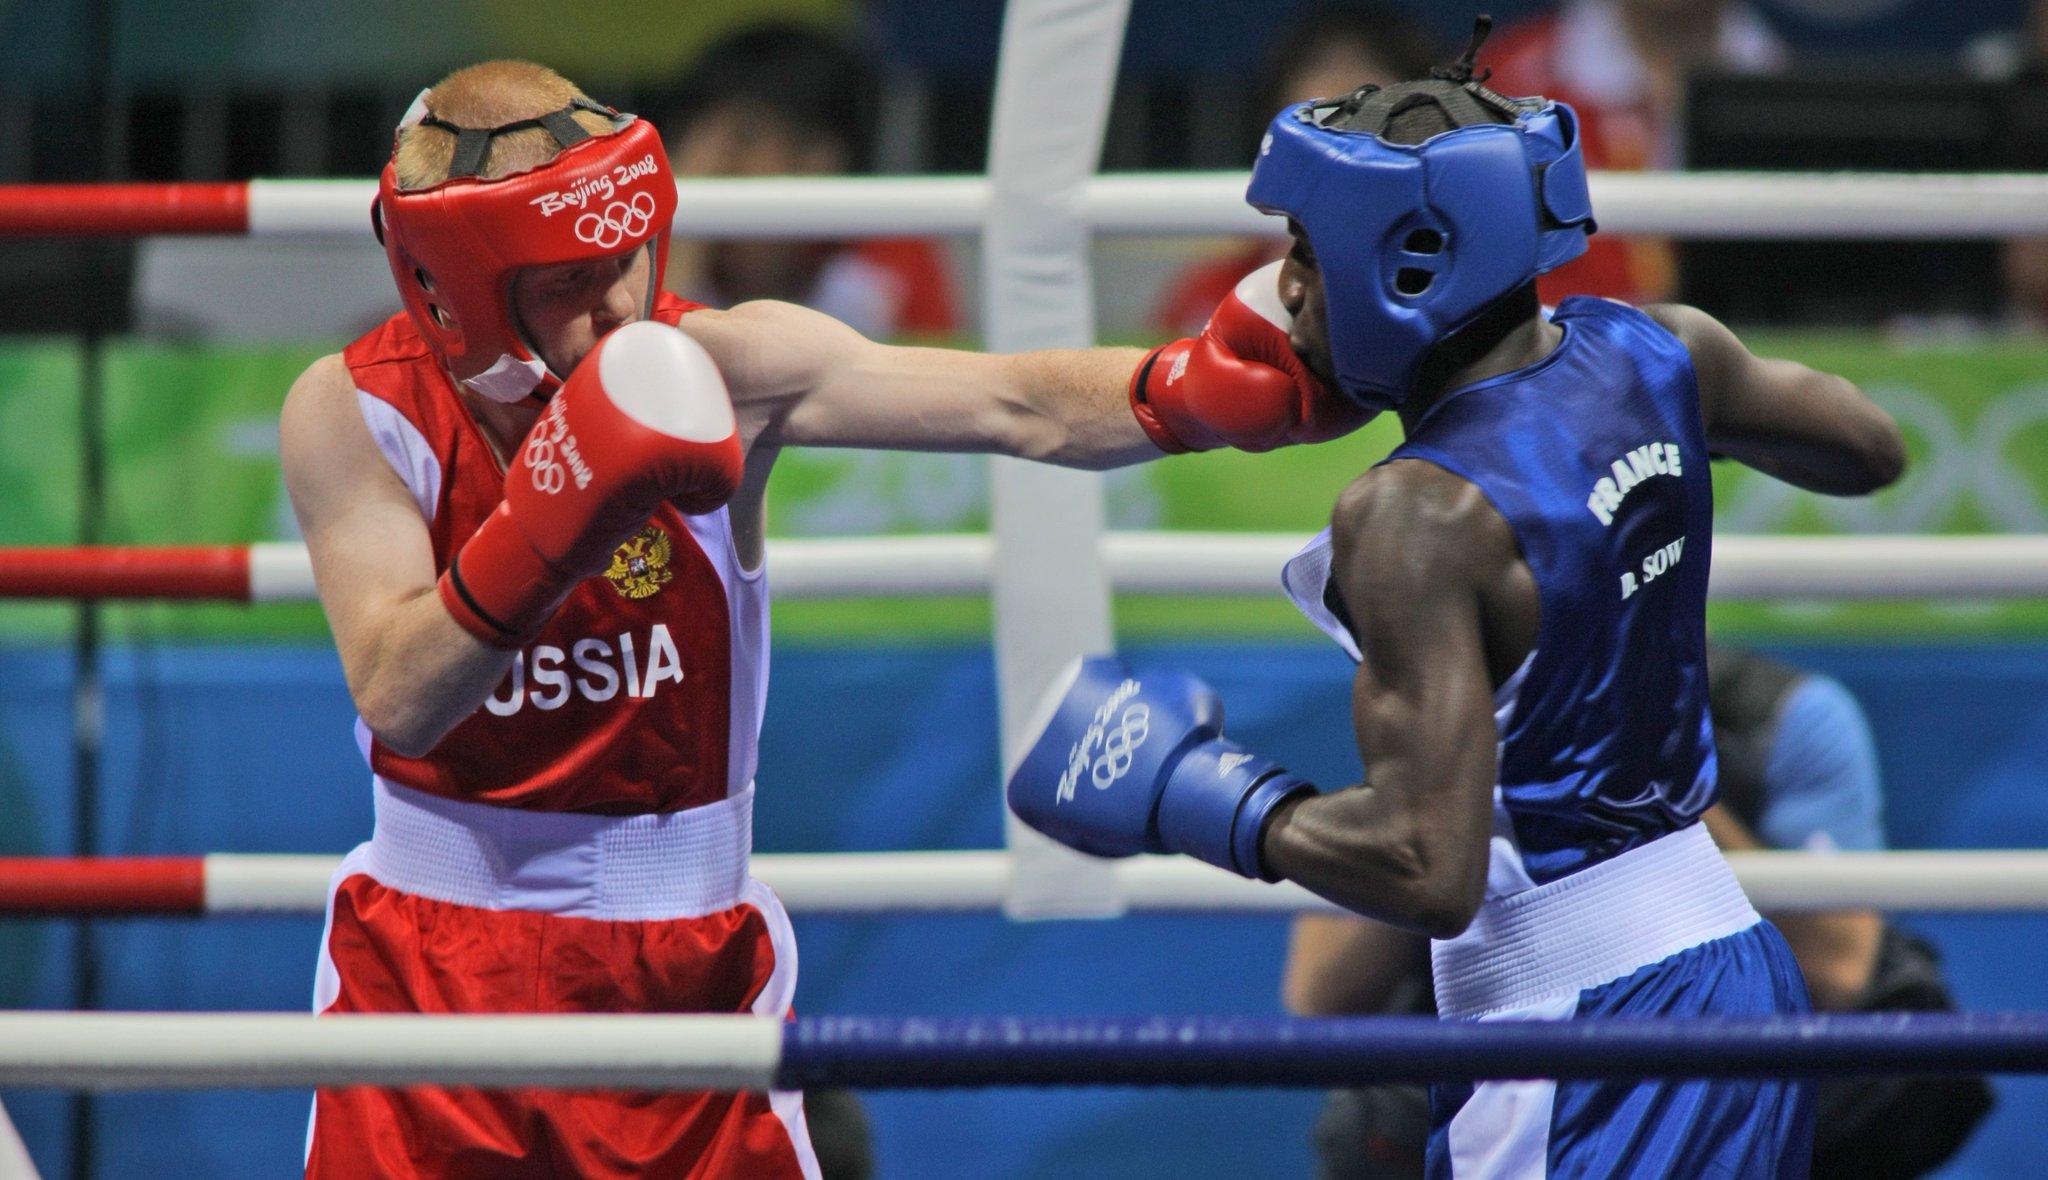 сне все виды спорта картинки бокс собраны